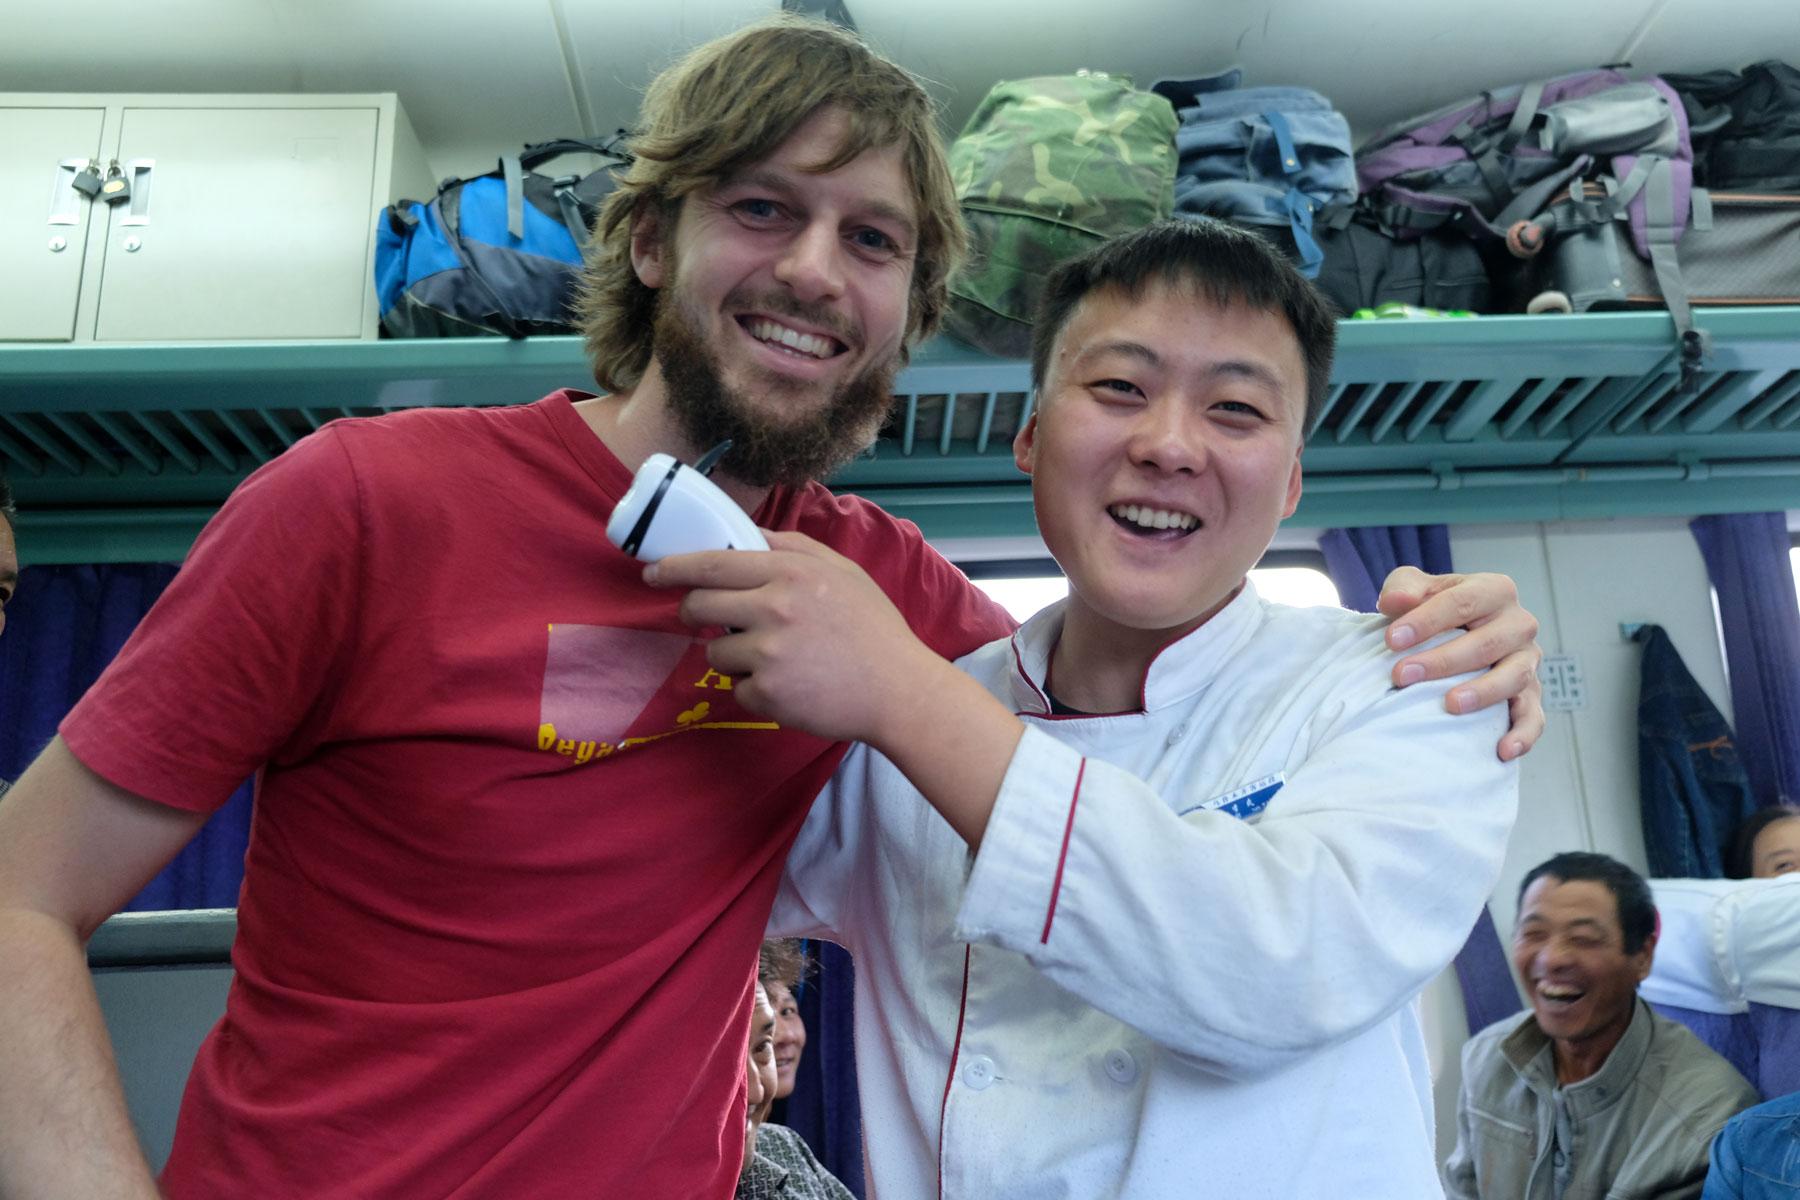 Sebastian steht neben einem chinesischen Verkäufer, der ihm einen Bartschneider an den Bart hält.